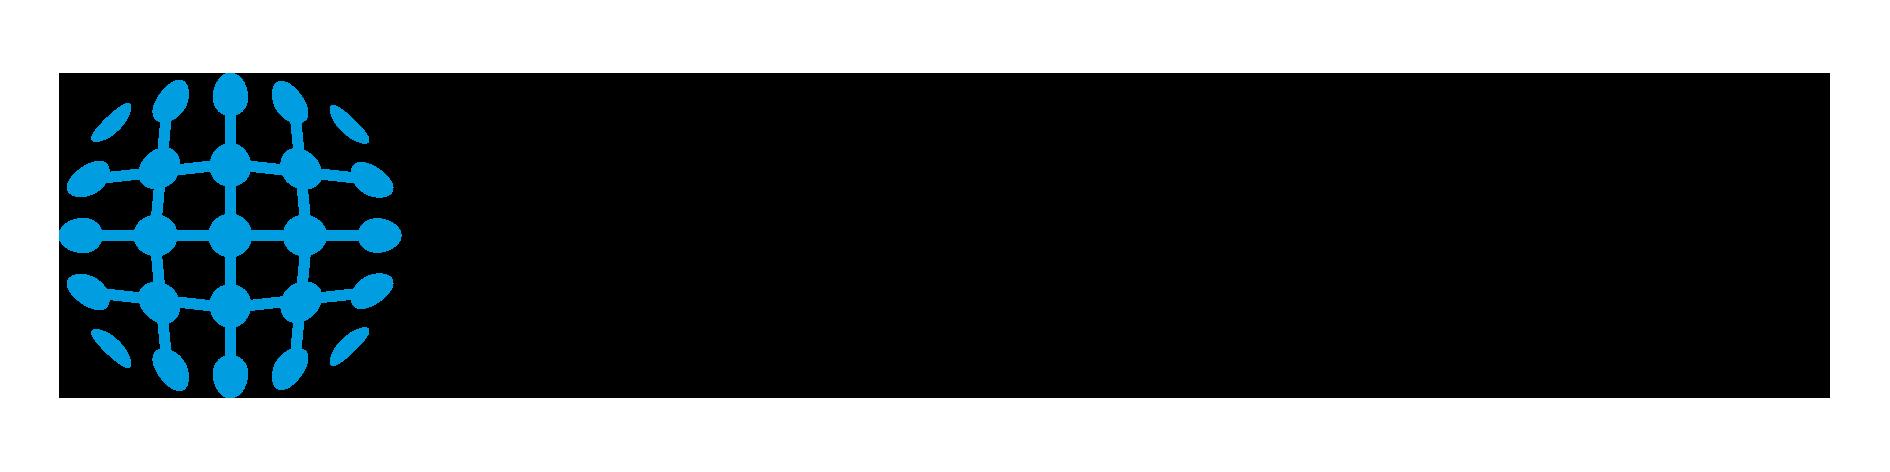 Geometior